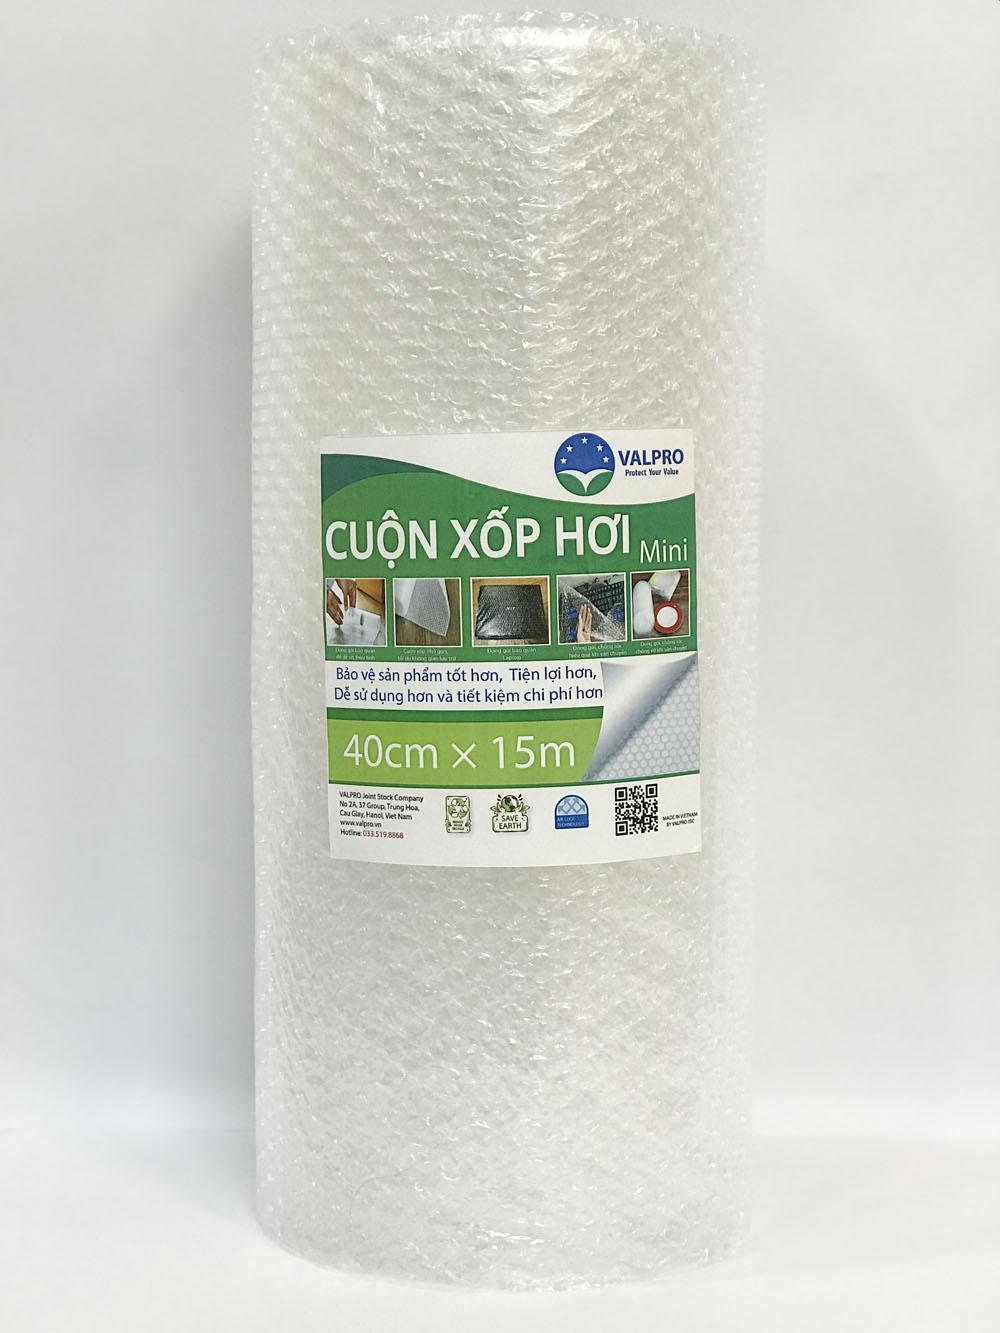 Cuộn xốp hơi mini 40cm x 15m